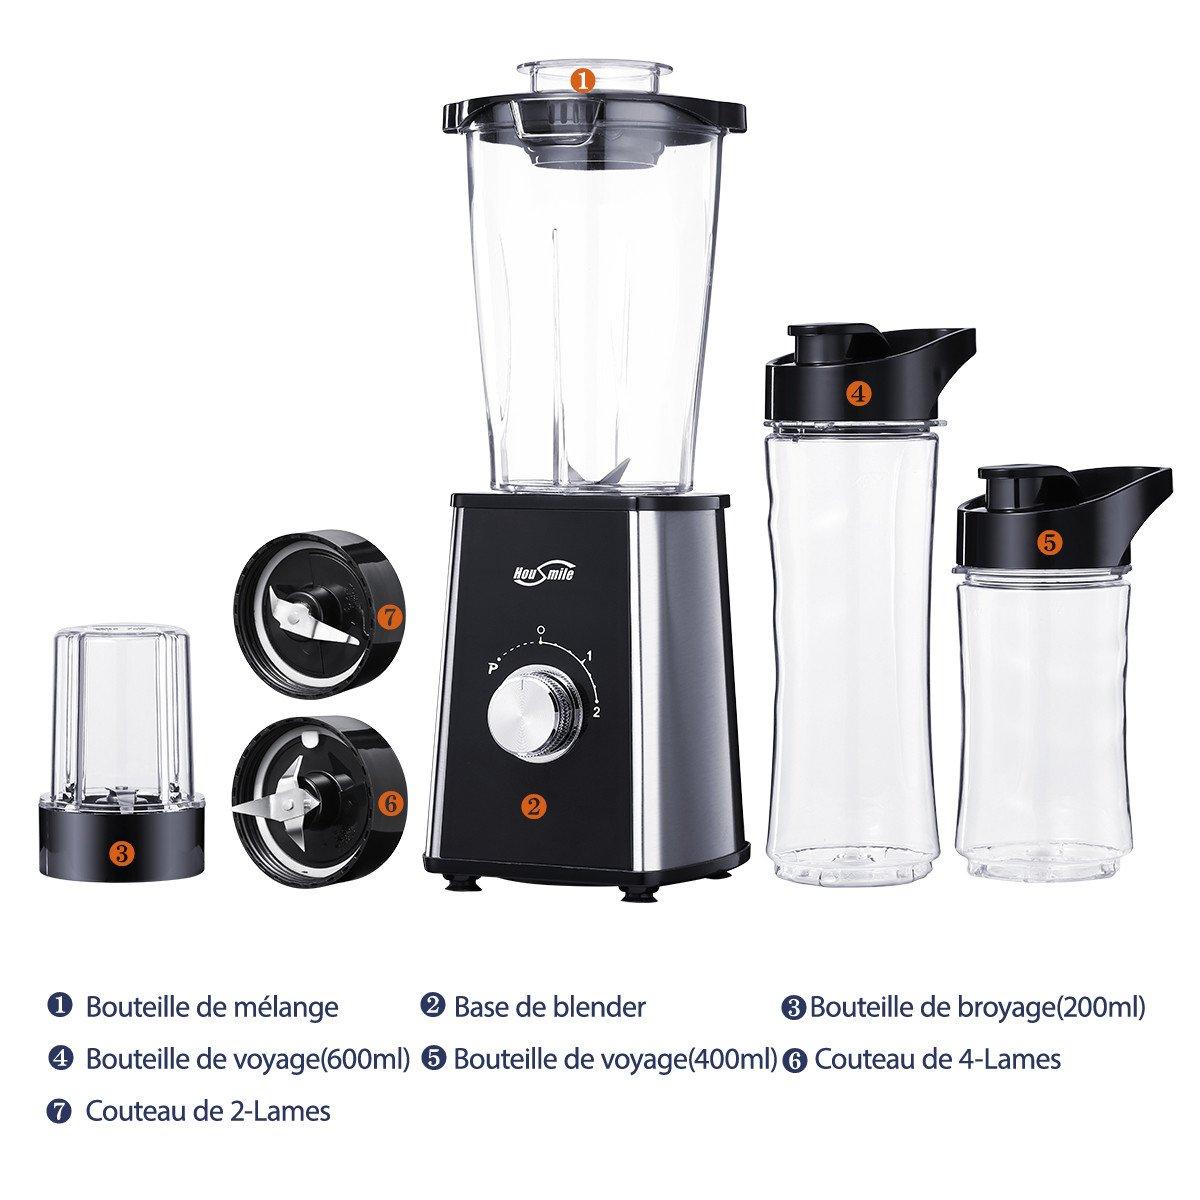 Housmile Mini Blender Portable Mixeur de 600ml Puissance de 300W Avec Couvercles et 3 Bouteilles(600,400,200ml) pour Sport, Voyage et Maison